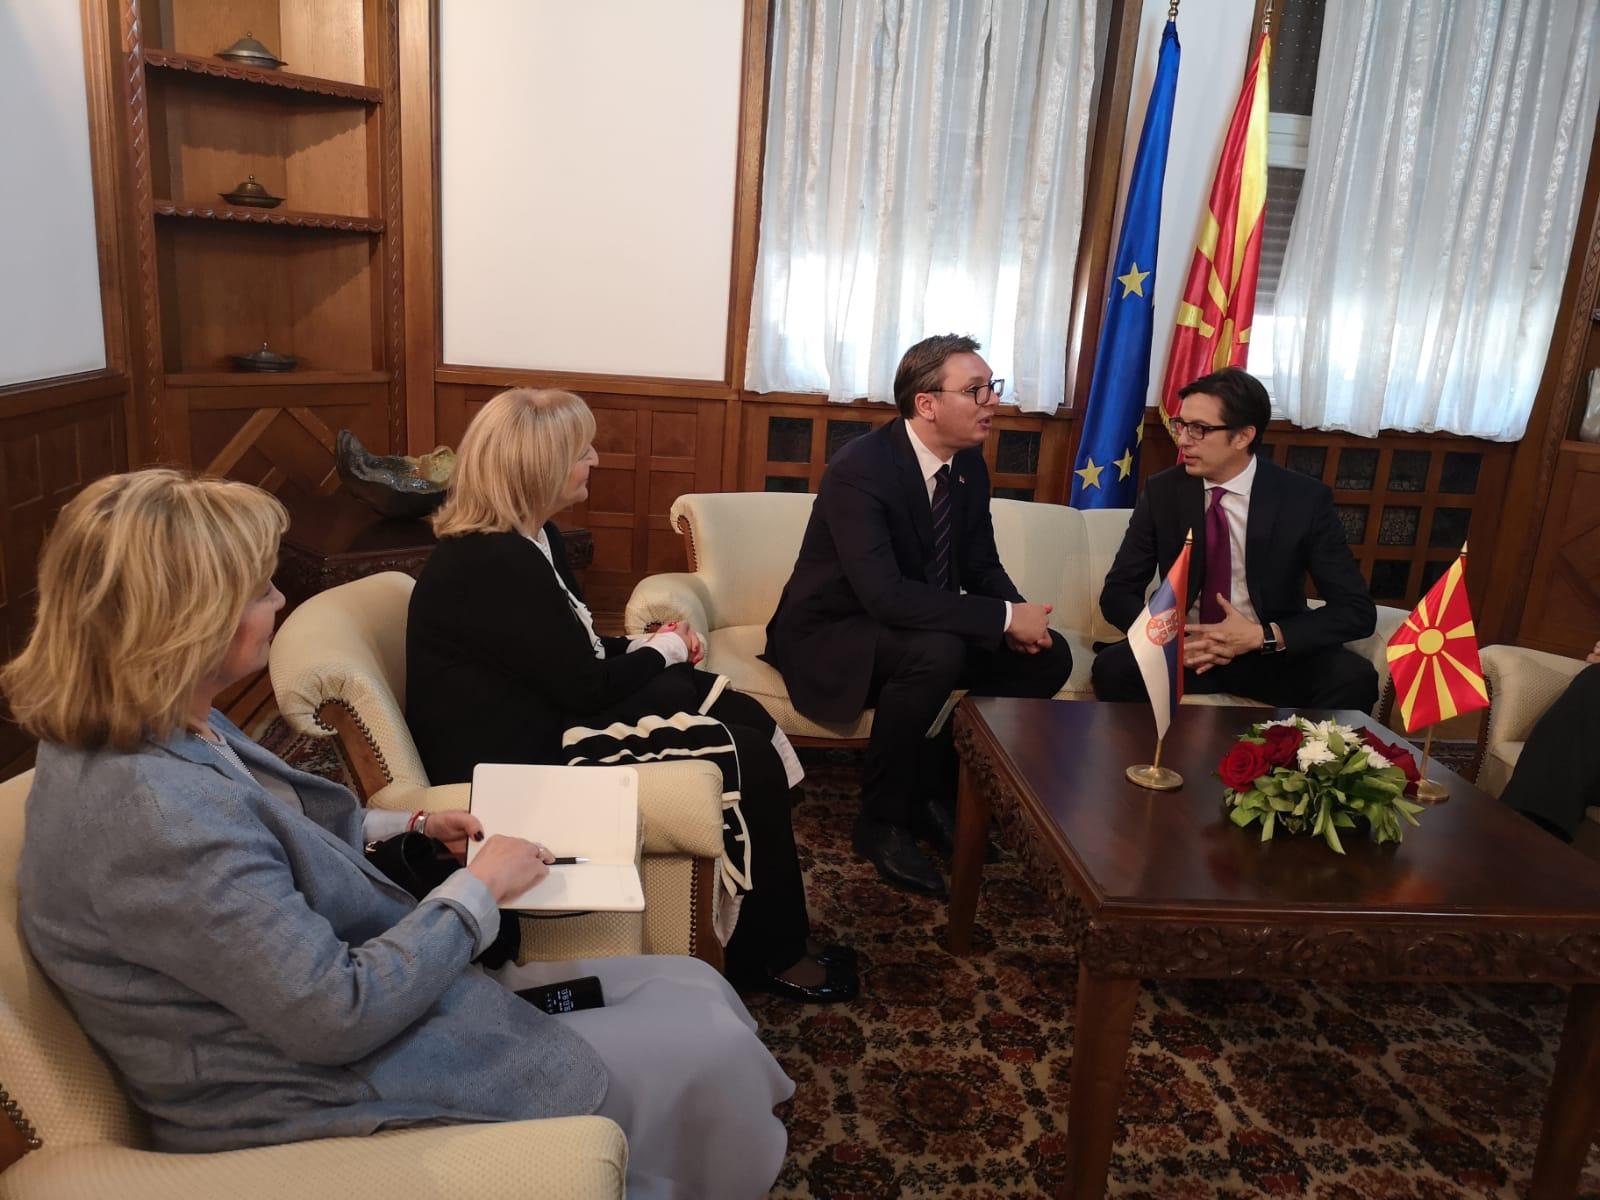 Predsednik Srbije Aleksandar Vucic na inauguraciji Steve Pendarovskog za prvog predsednika Severne Makedonije.